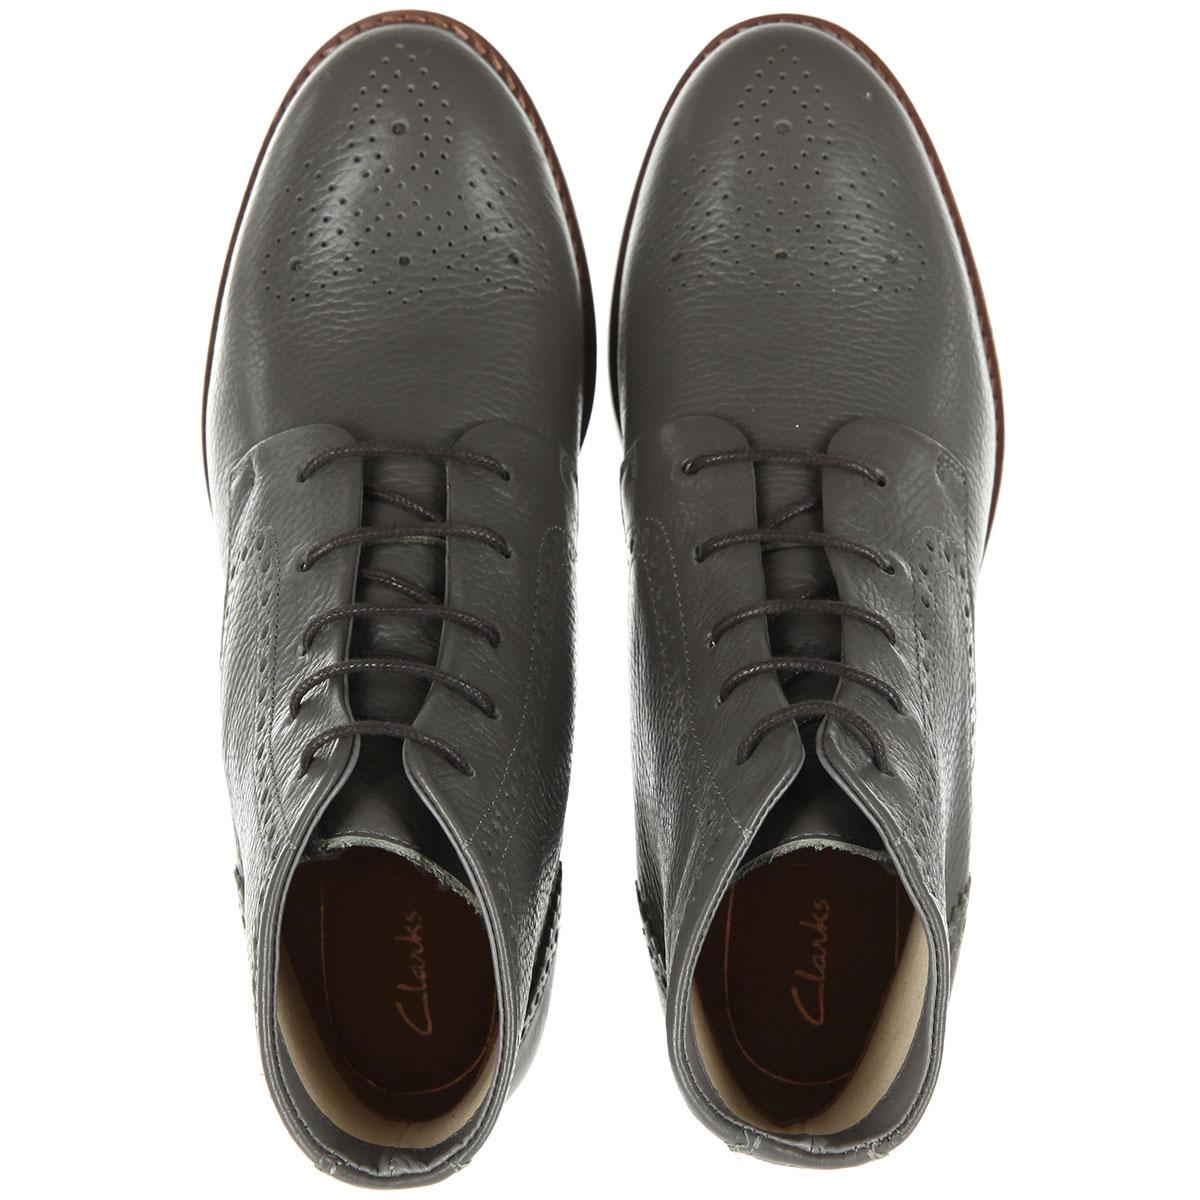 6cd38f70 Купить ботинки женские Clarks Netley Freya серые (26135186) в ...